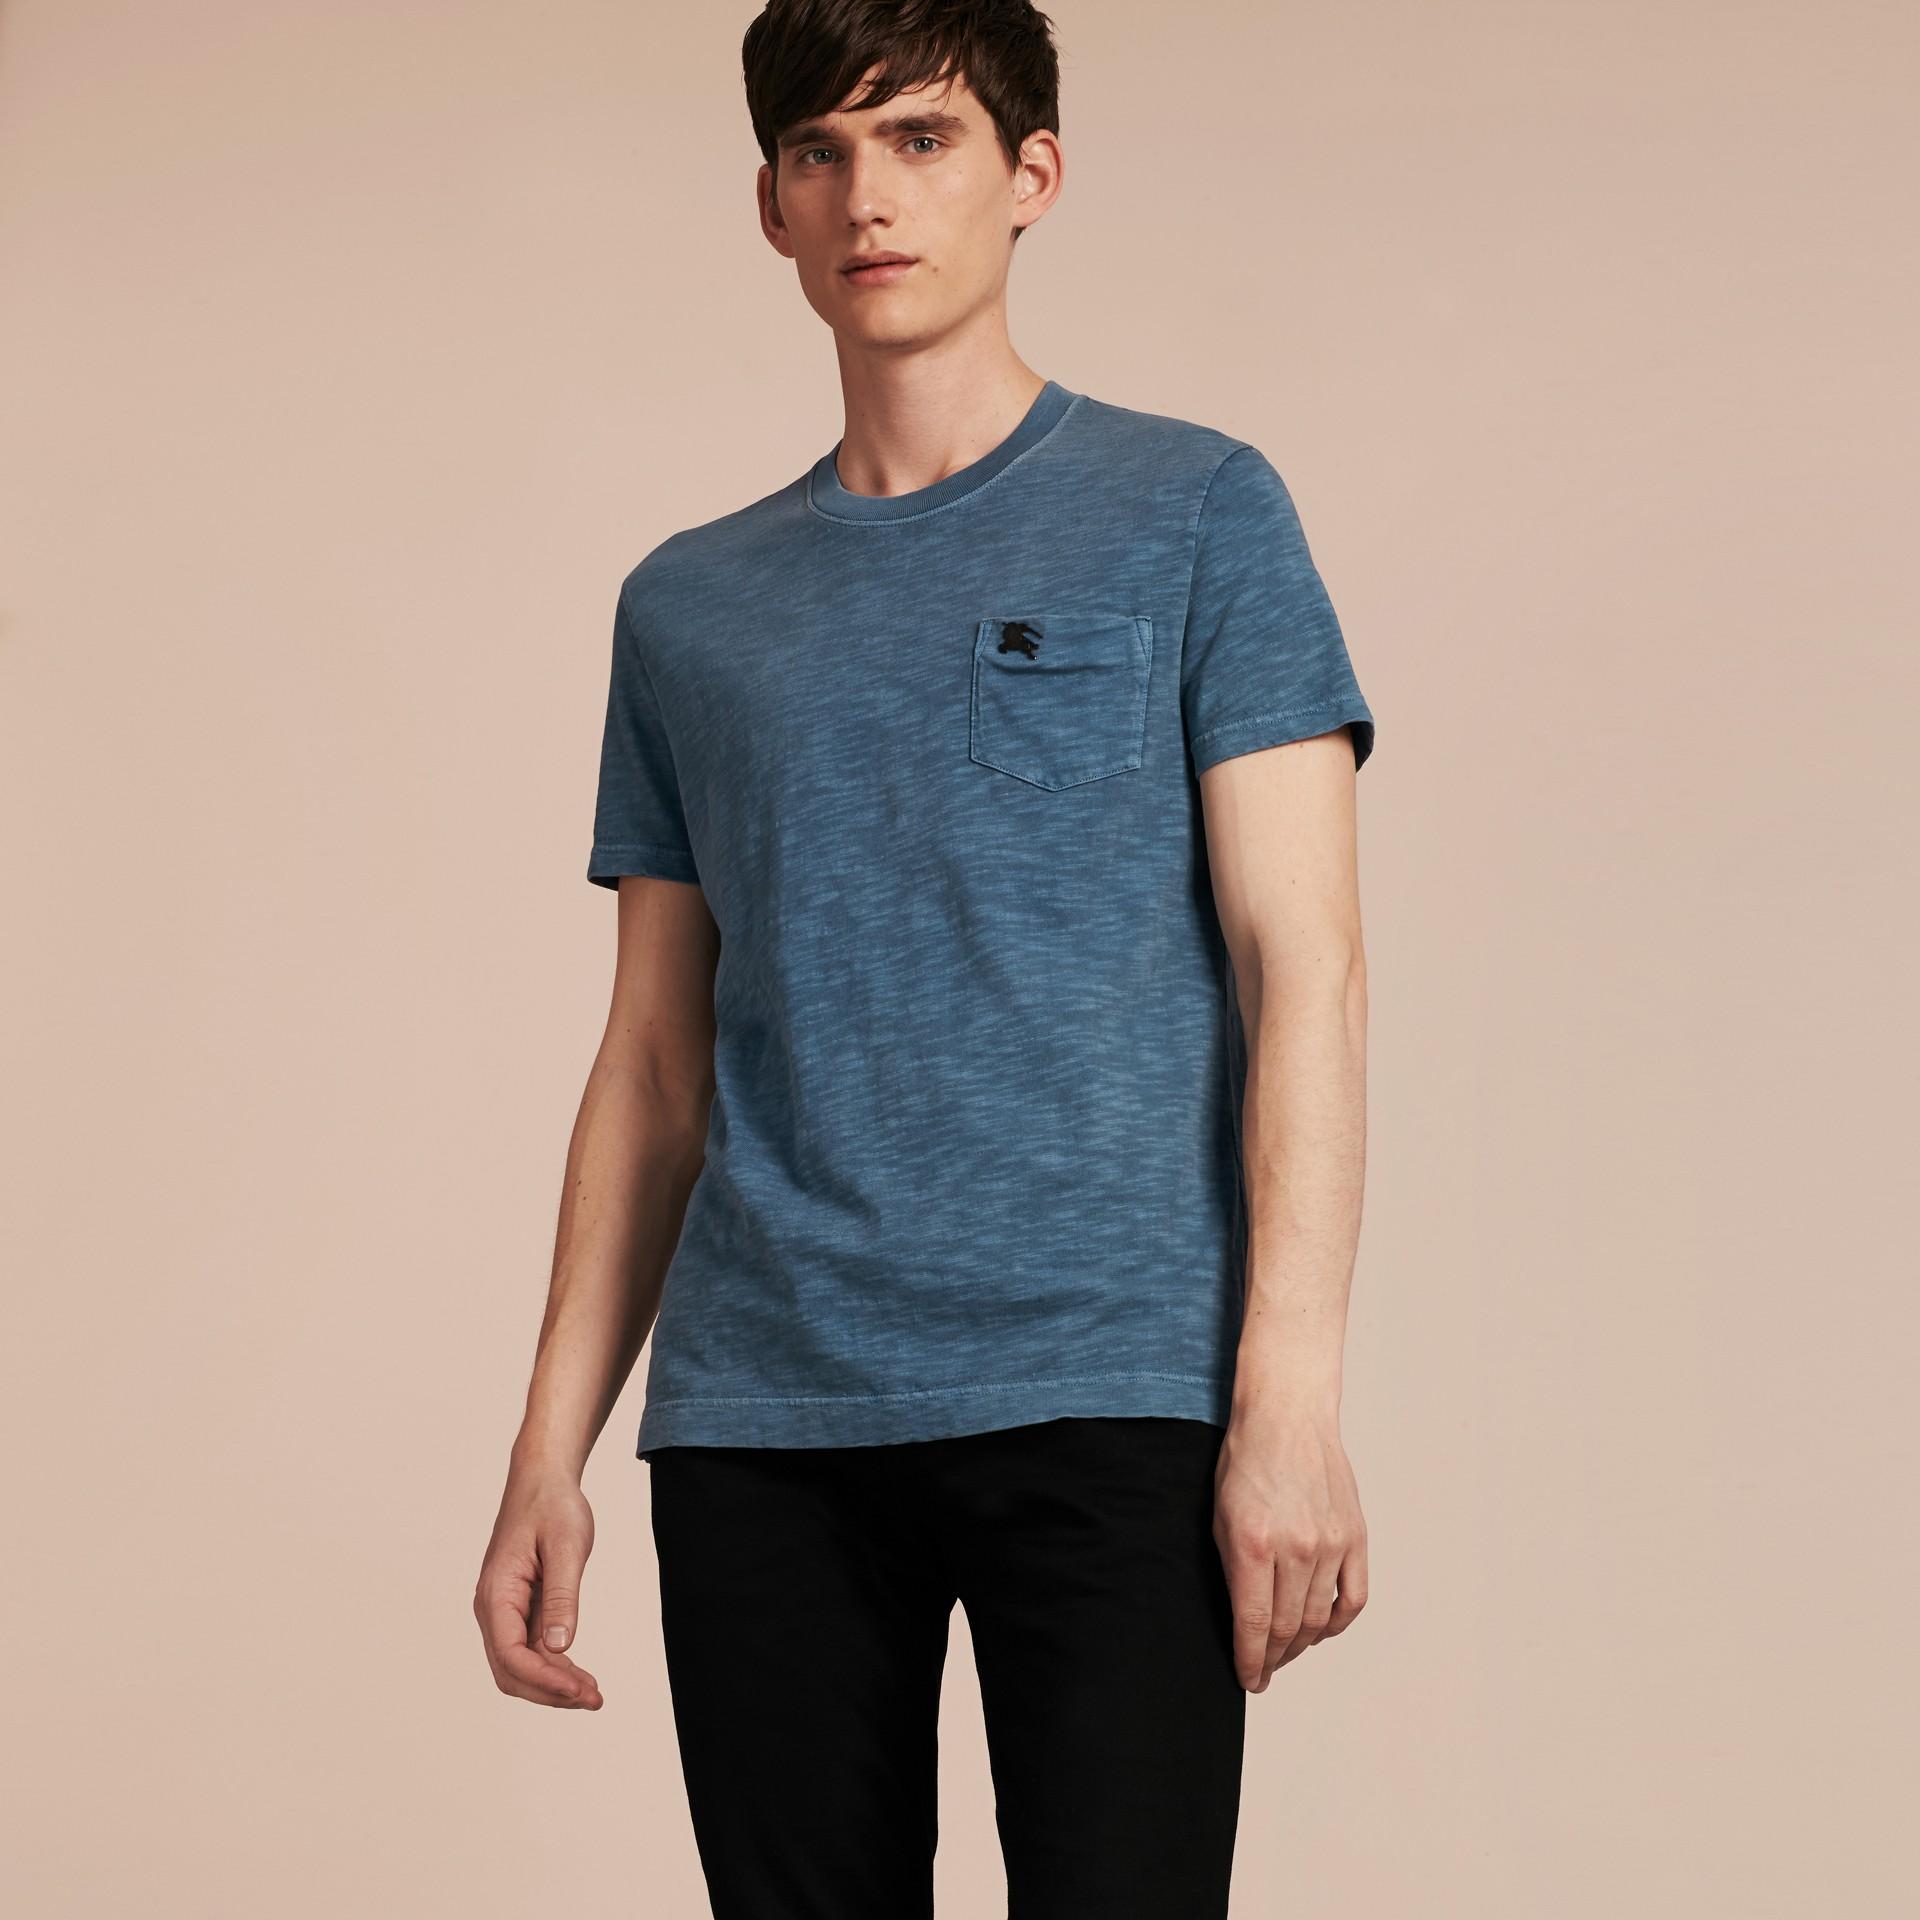 Bleu lupin T-shirt en jersey flammé double teinture Bleu Lupin - photo de la galerie 6